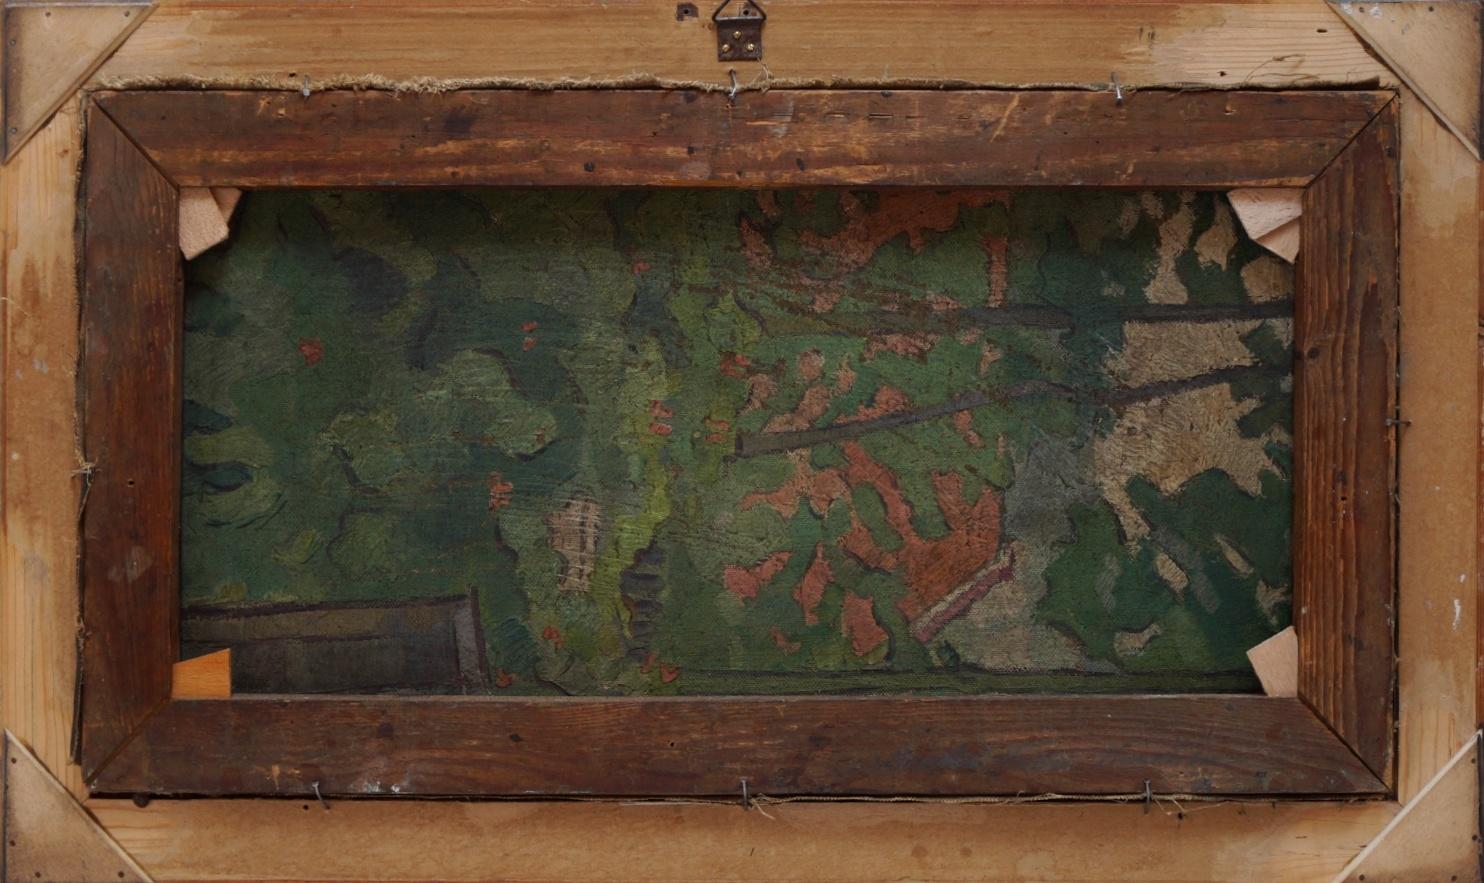 Arnold Faber (1879 - 1934) » Öl-Gemälde Postimpressionismus Münchner Sezession